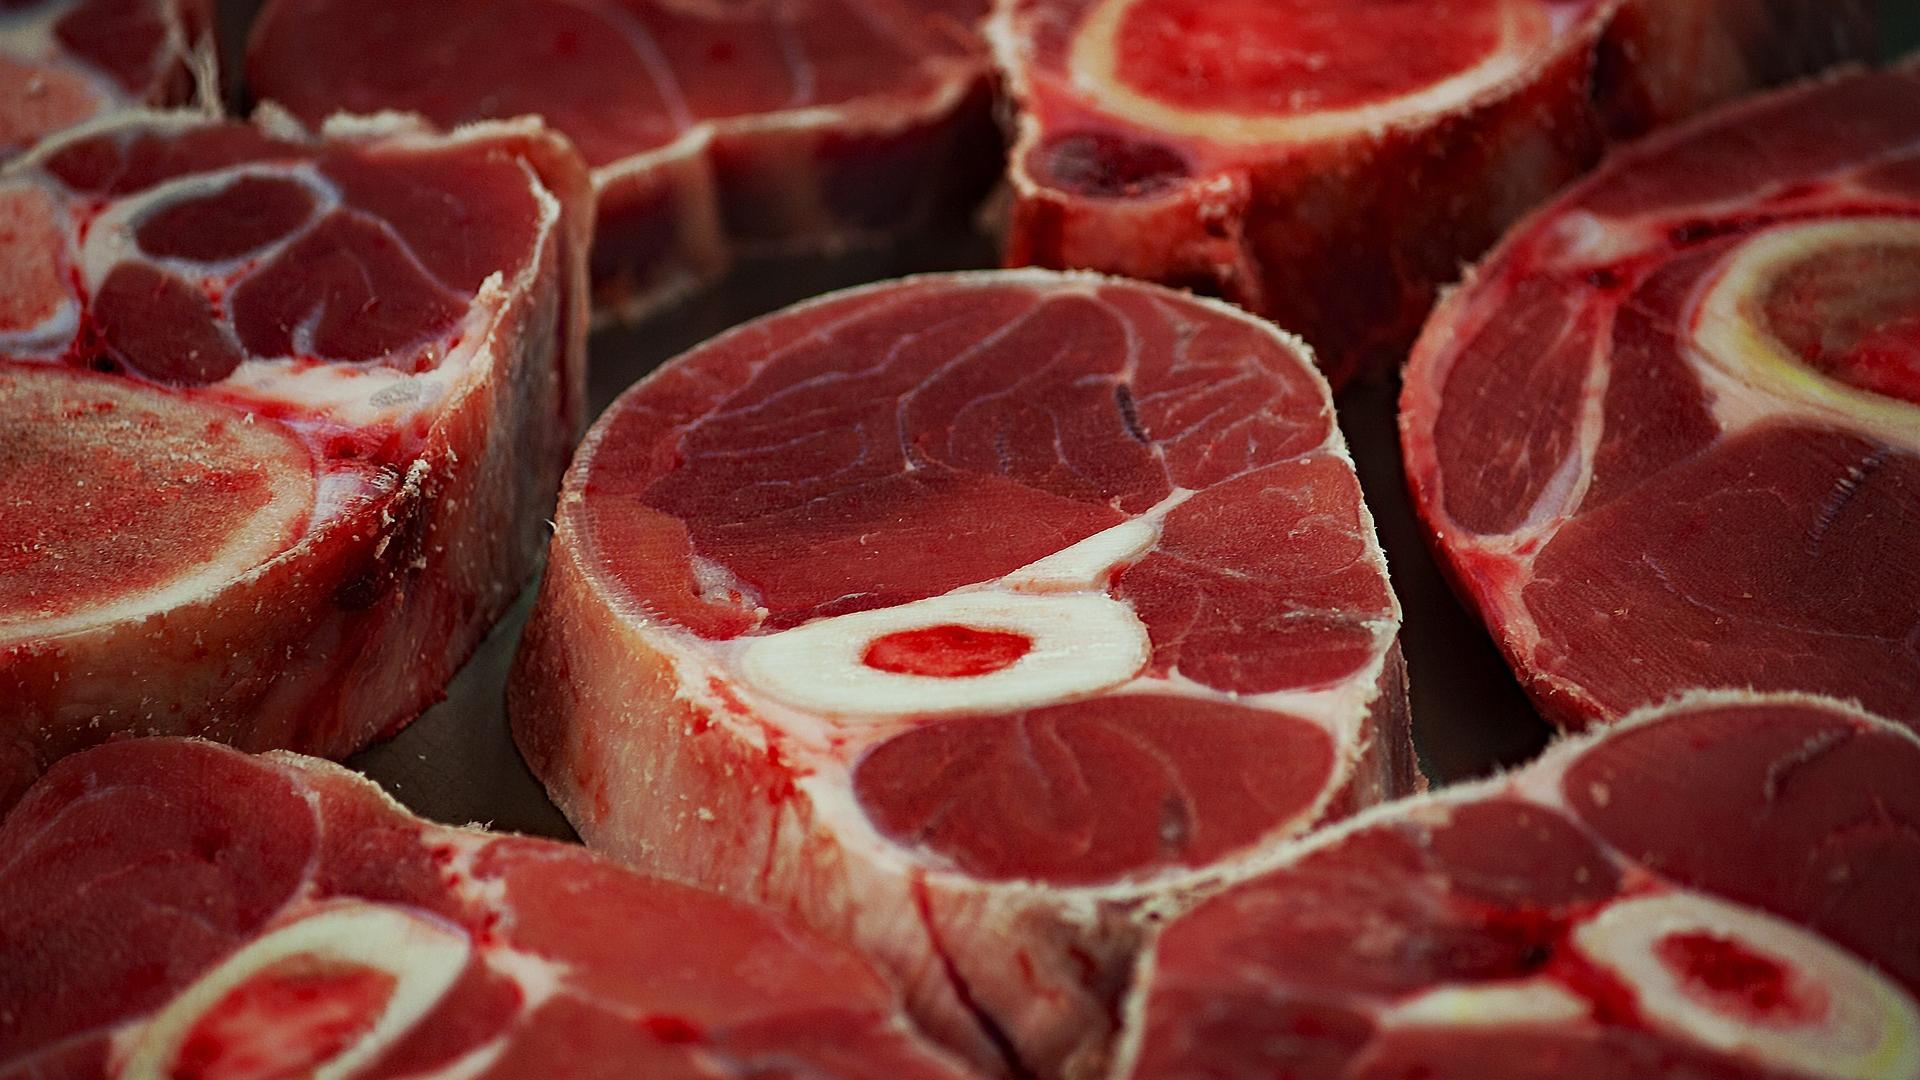 Lebensmittel, die die Synthese von Kollagen fördern, sind genauso wichtig wie kollagenhaltige Lebensmittel